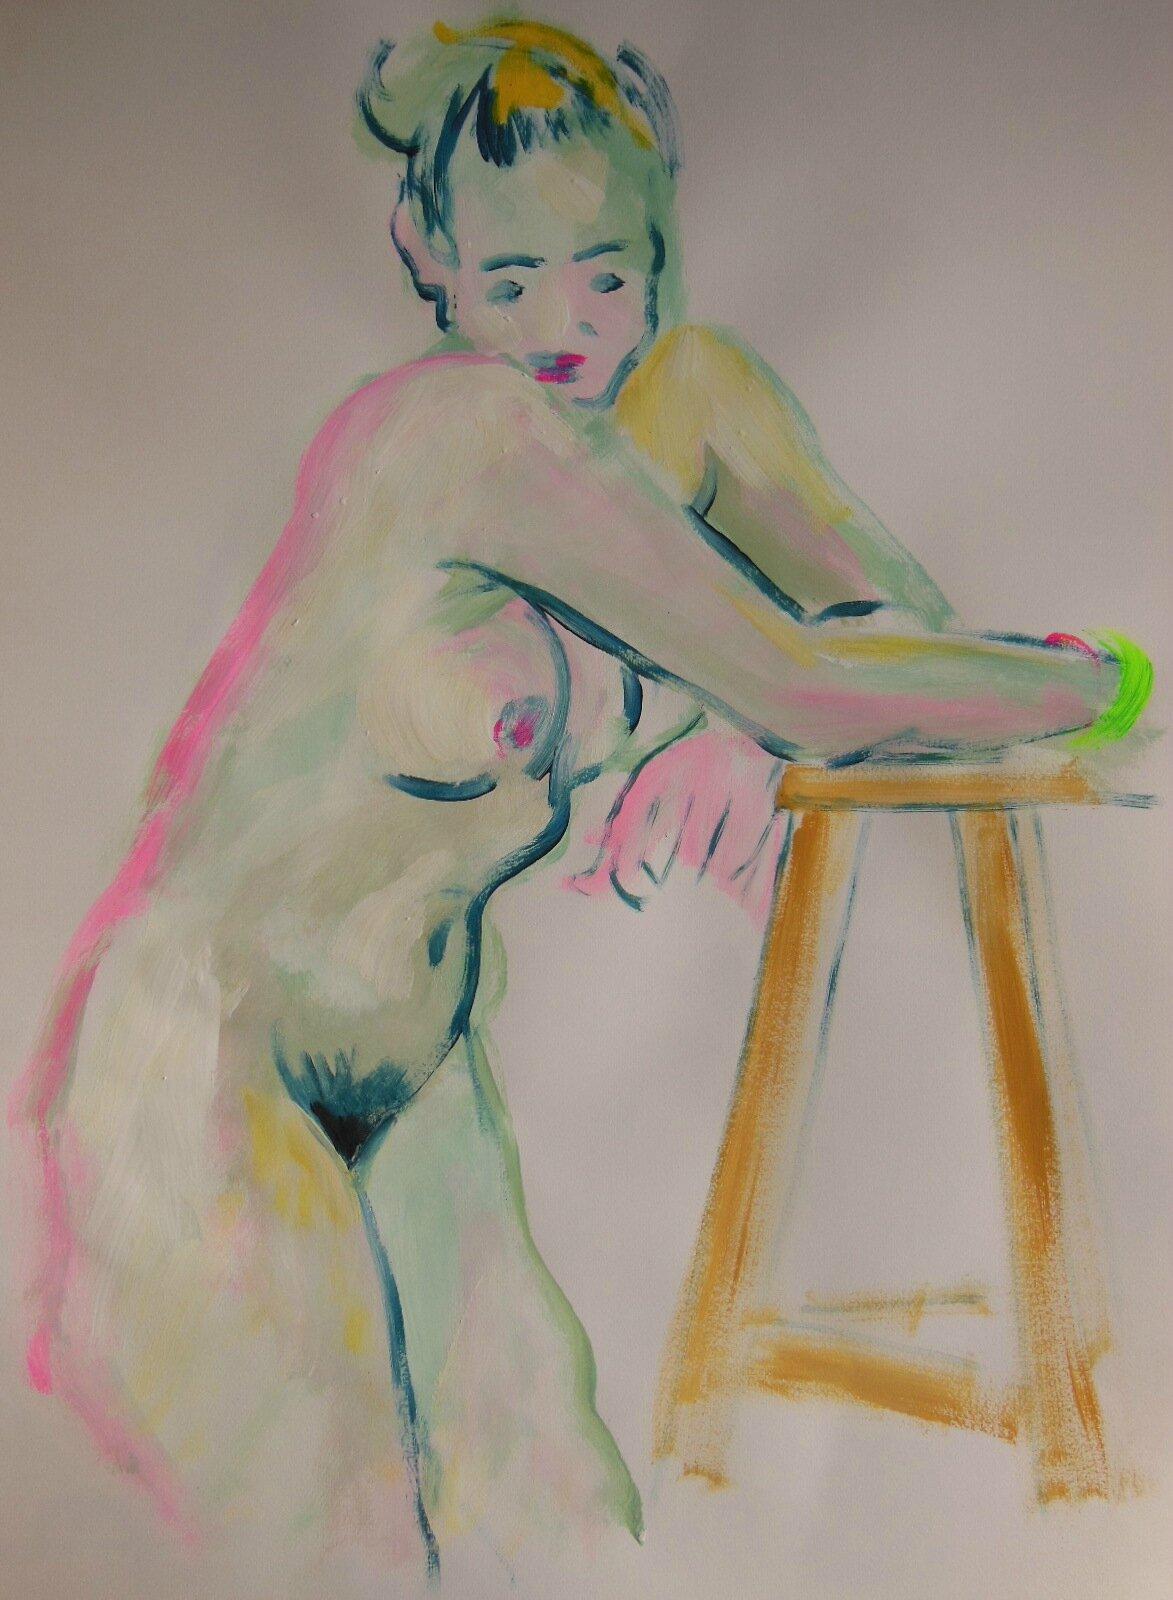 Dessin peinture tableau de nu modèle vivant atelier (14)